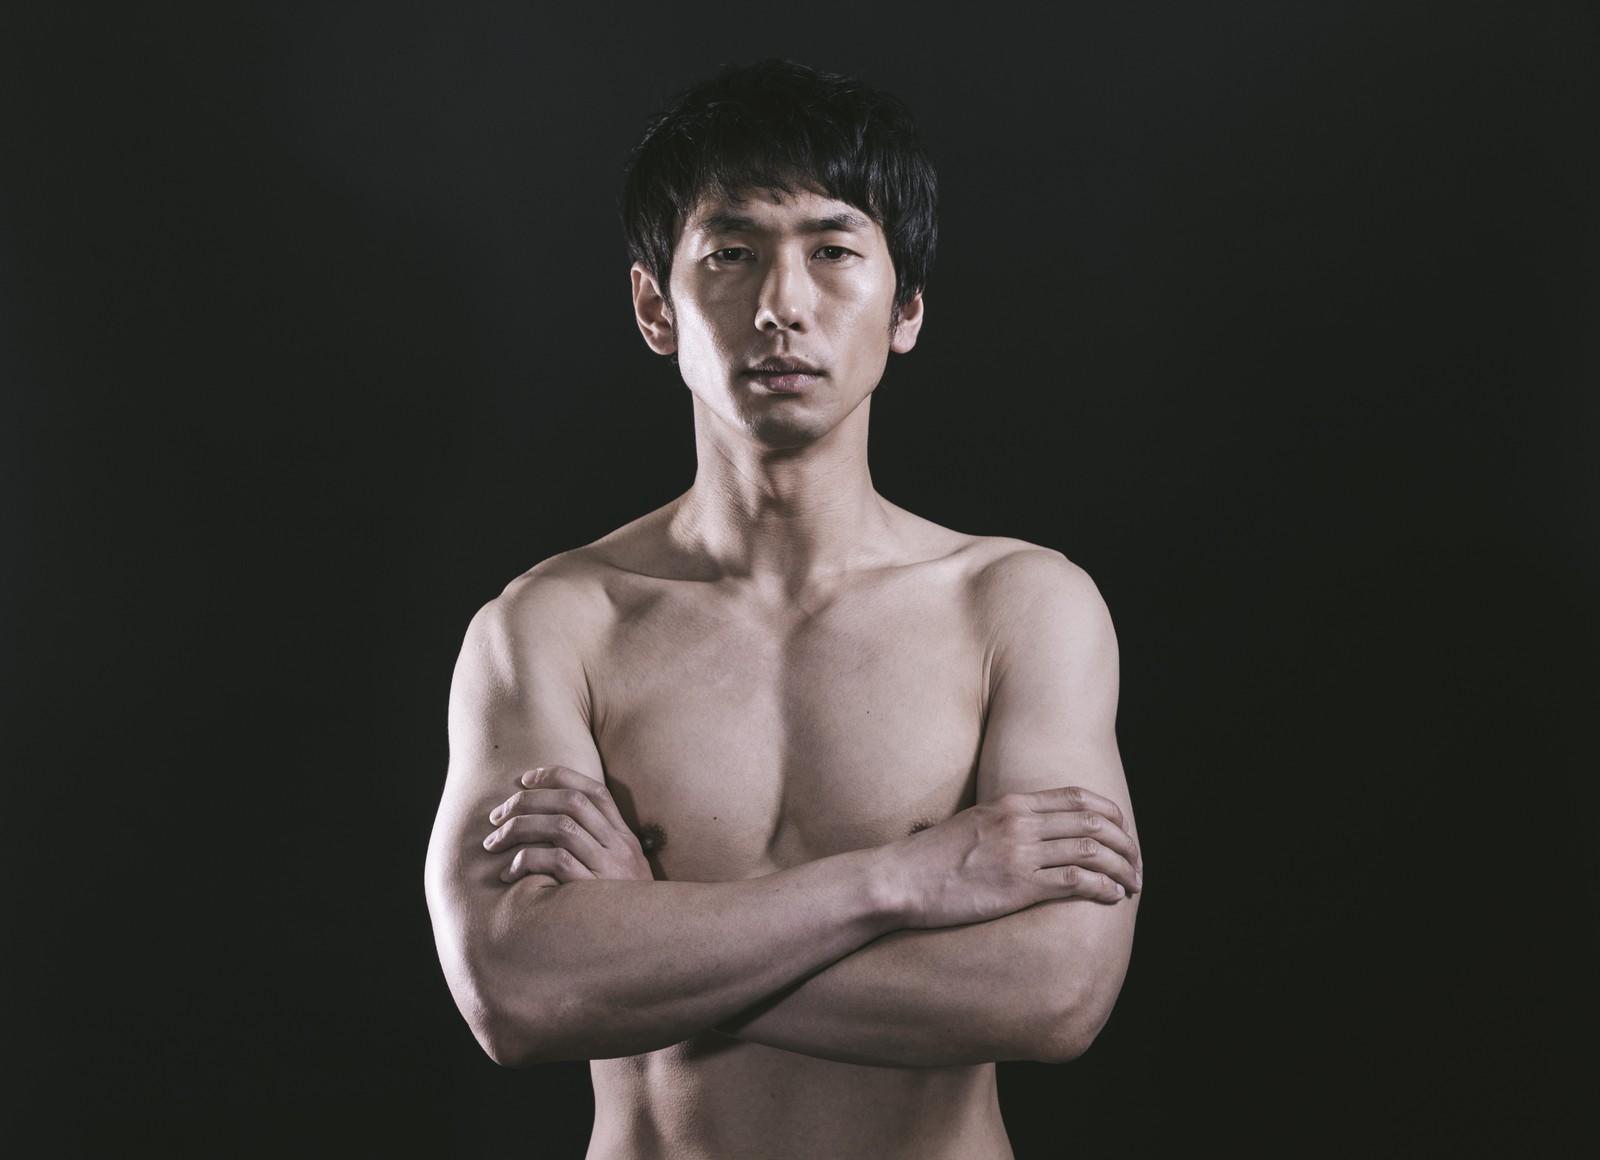 筋肉 ヤバい 韓流アイドル